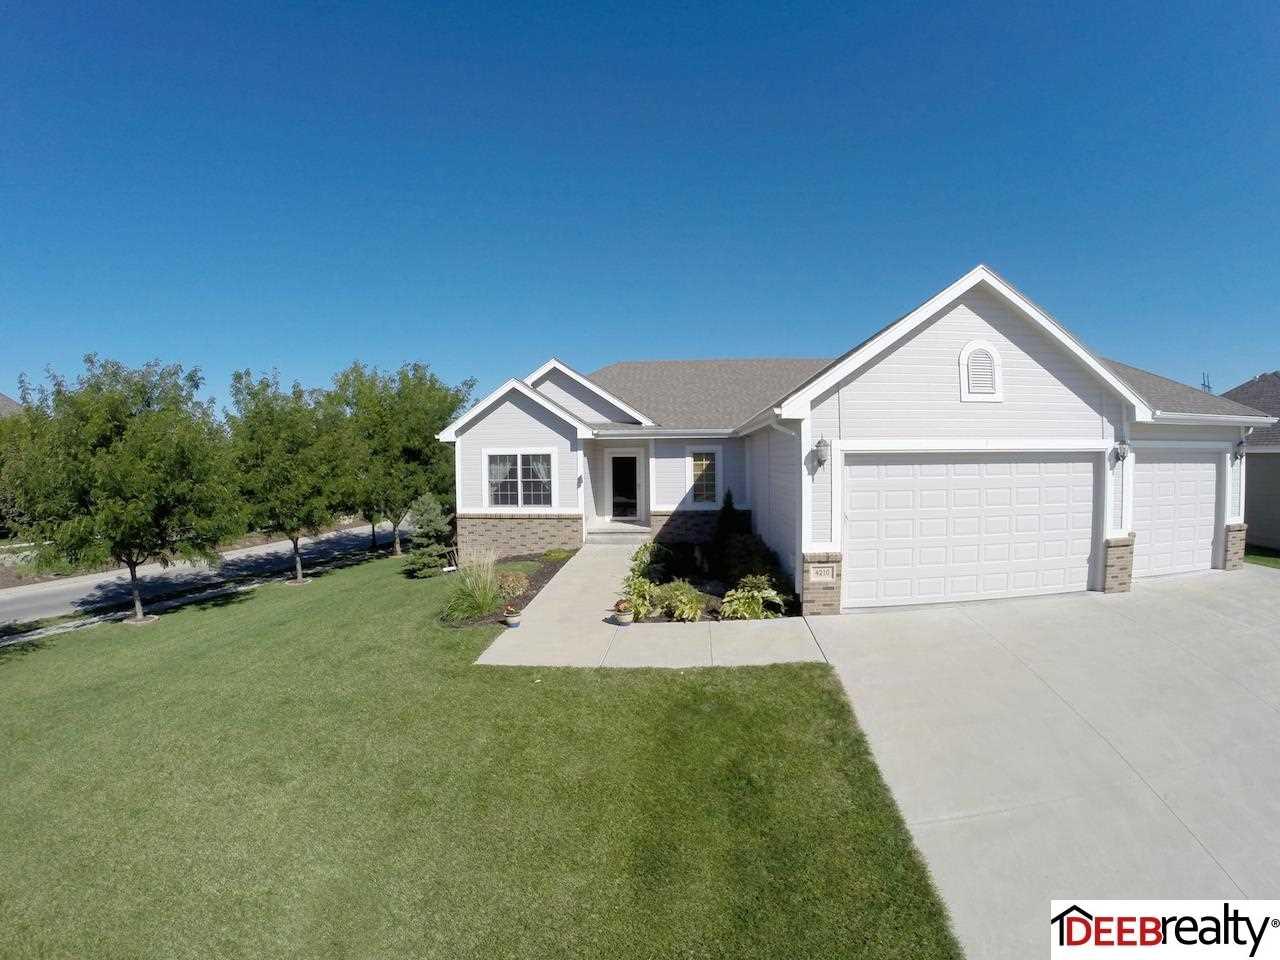 Real Estate for Sale, ListingId: 30271986, Bellevue,NE68123